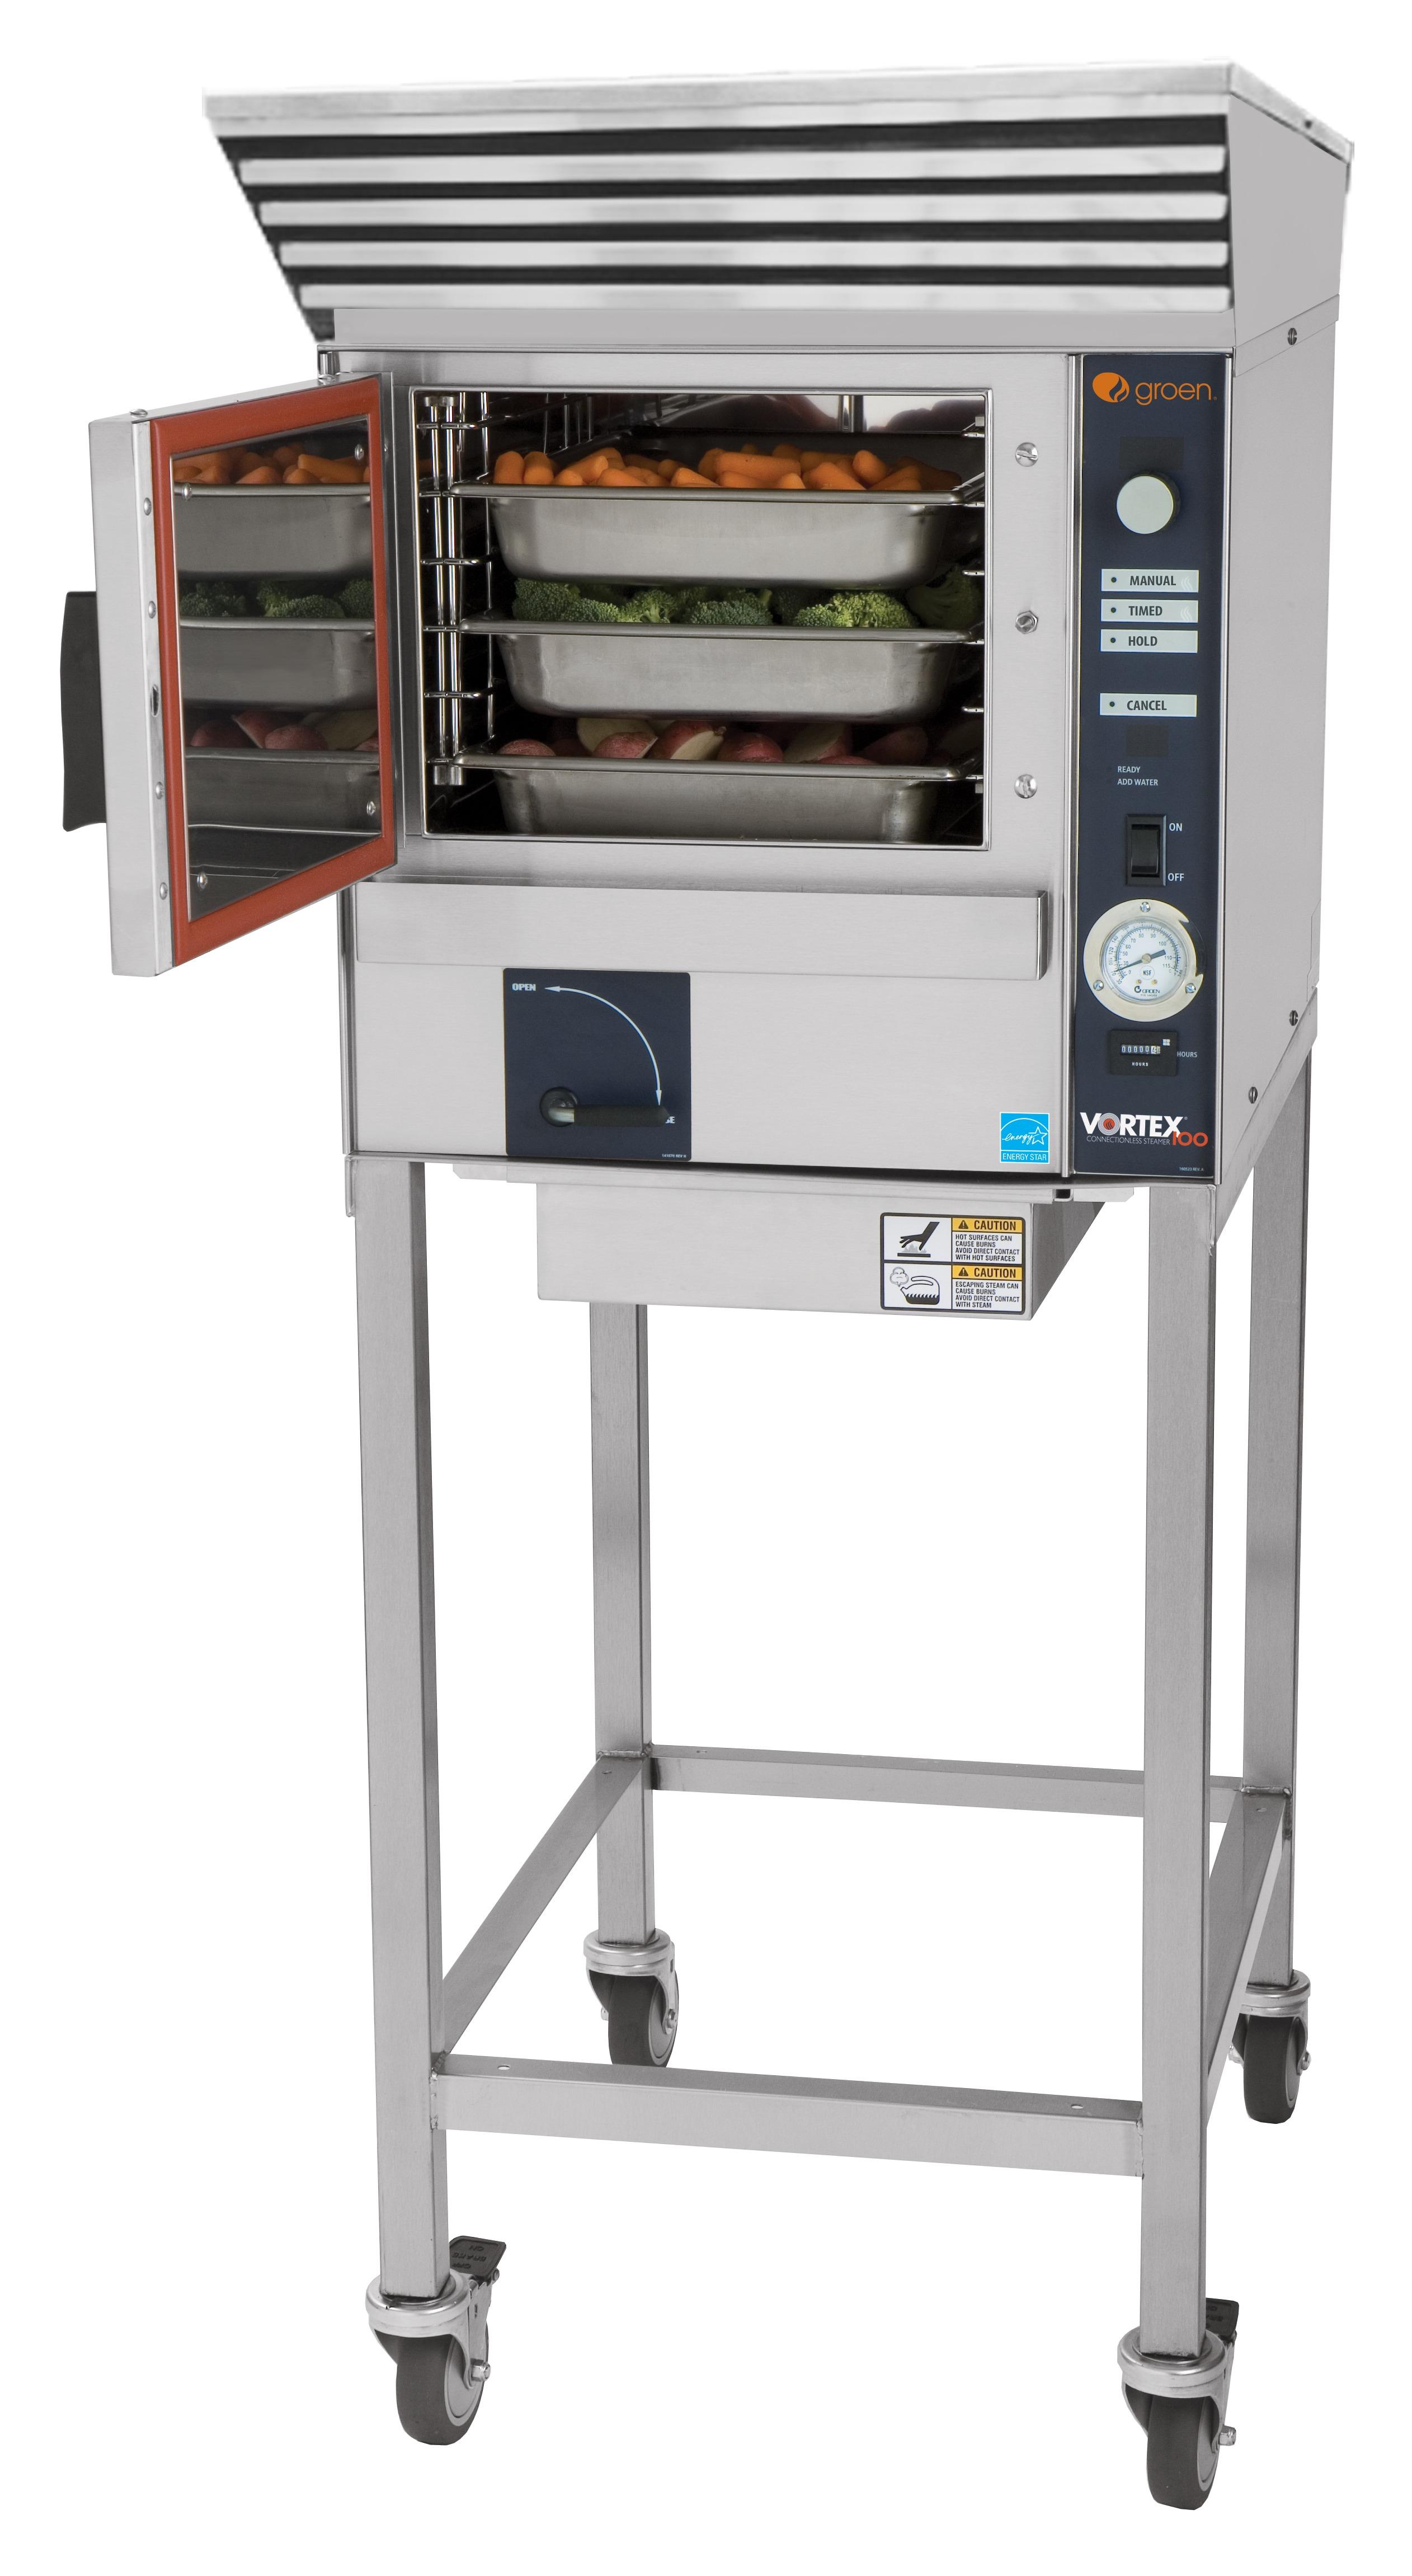 Vortex100 Connectionless Steamer